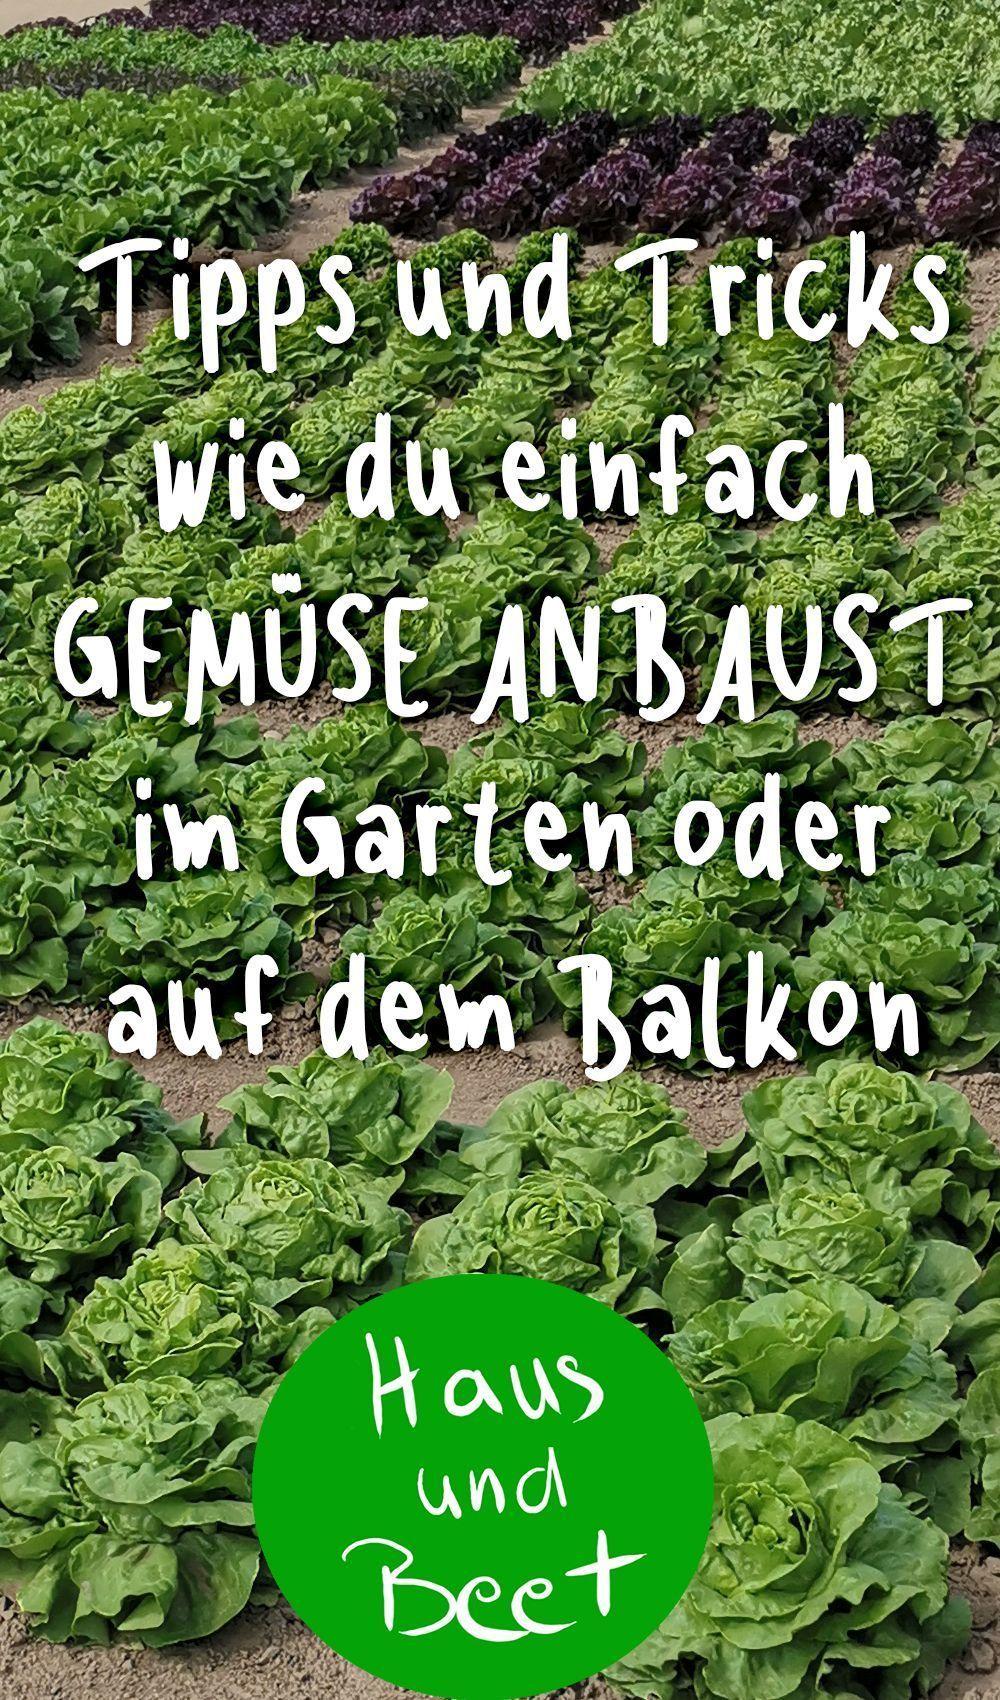 Anbau Von Gemuse Haus Und Bett Gemusegarten Pflanzen Anbau Von Gemuse Kalender Anbauvongemu Gemuse Anbauen Selbstversorger Garten Garten Ideen Gemuse